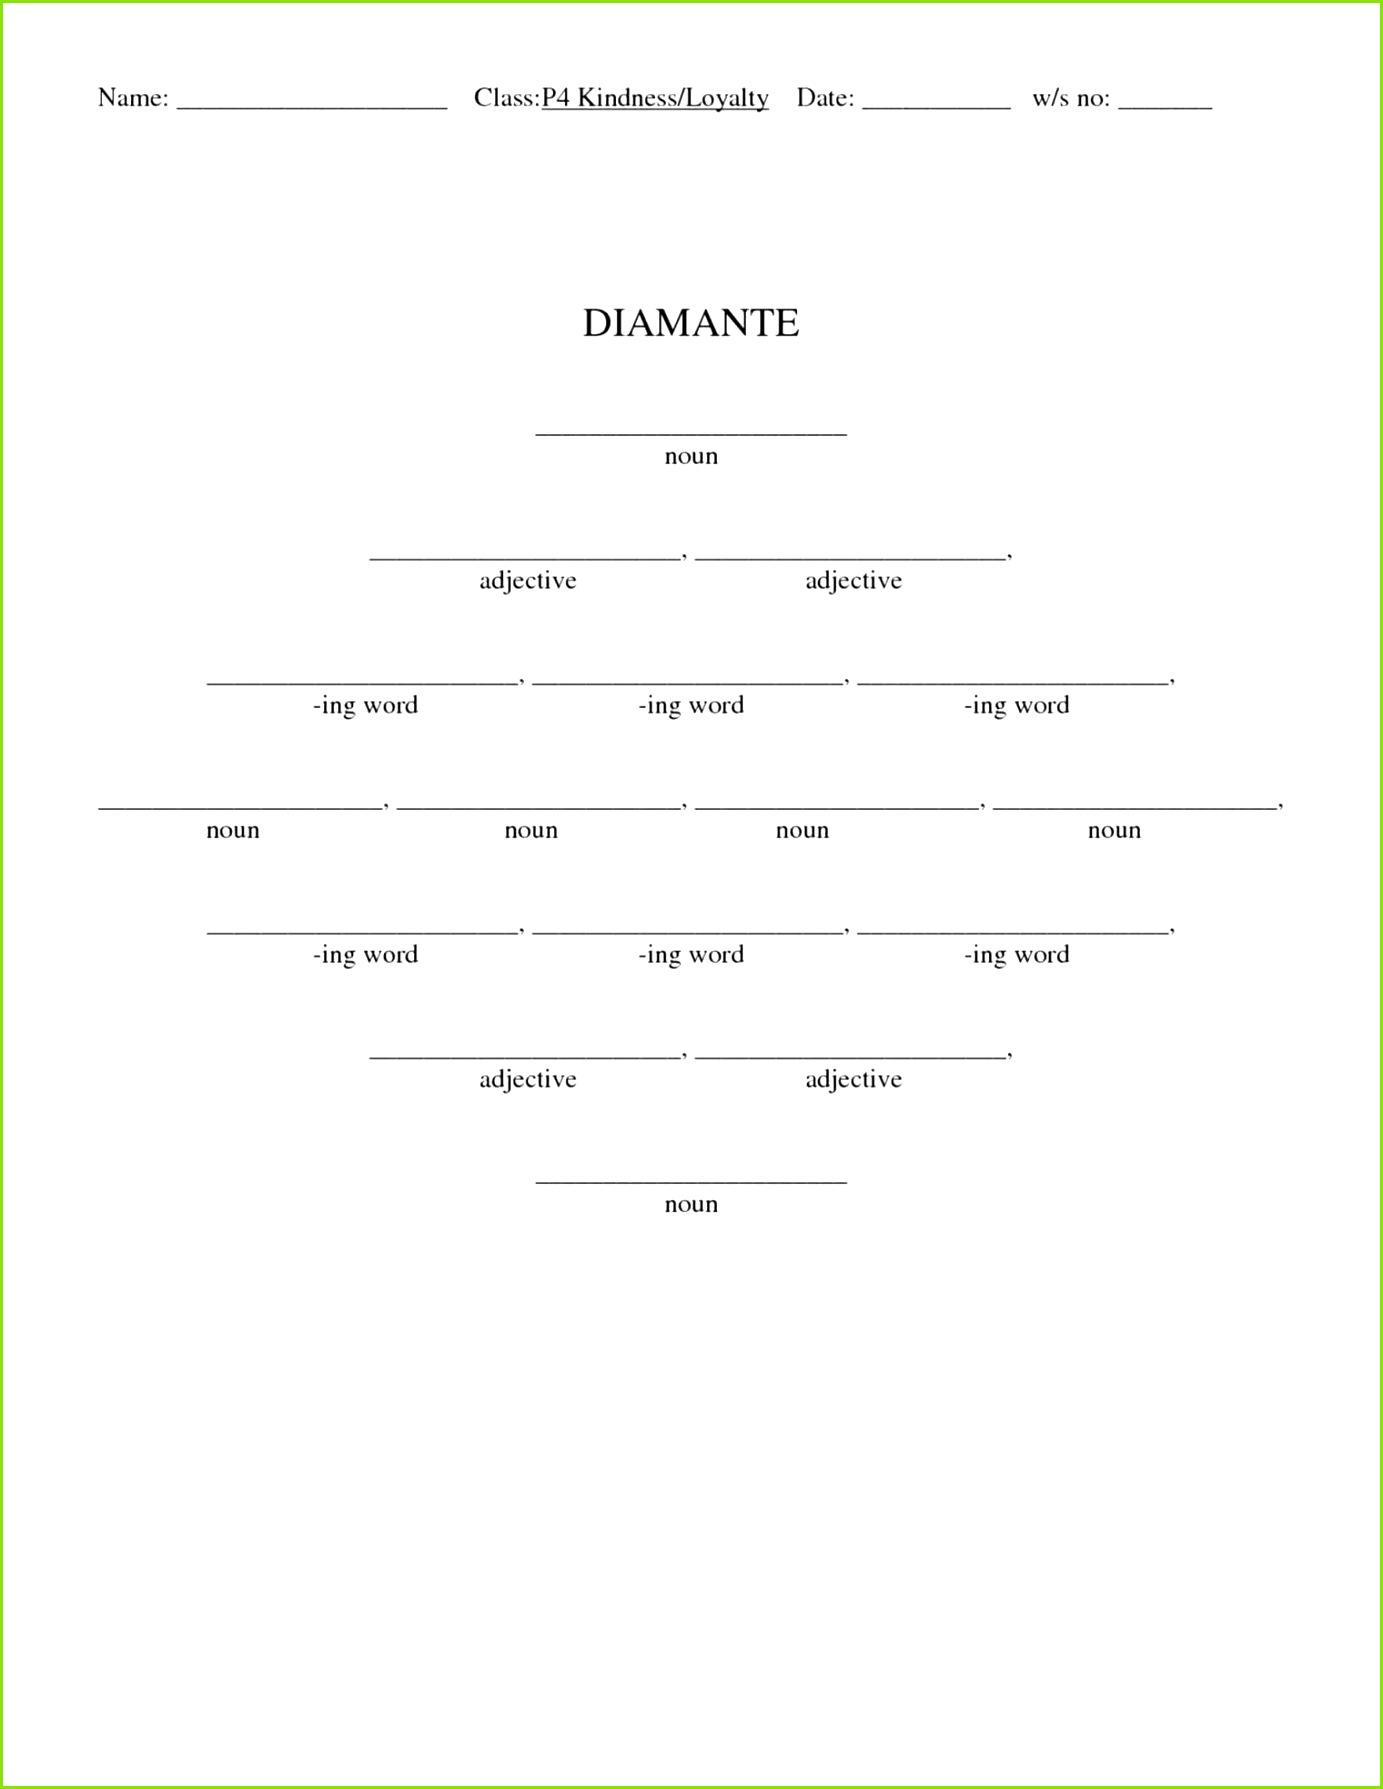 Ideal Diamante Poem Template Unique Diamante Poem Template Resume Diamante Poem Format rs3